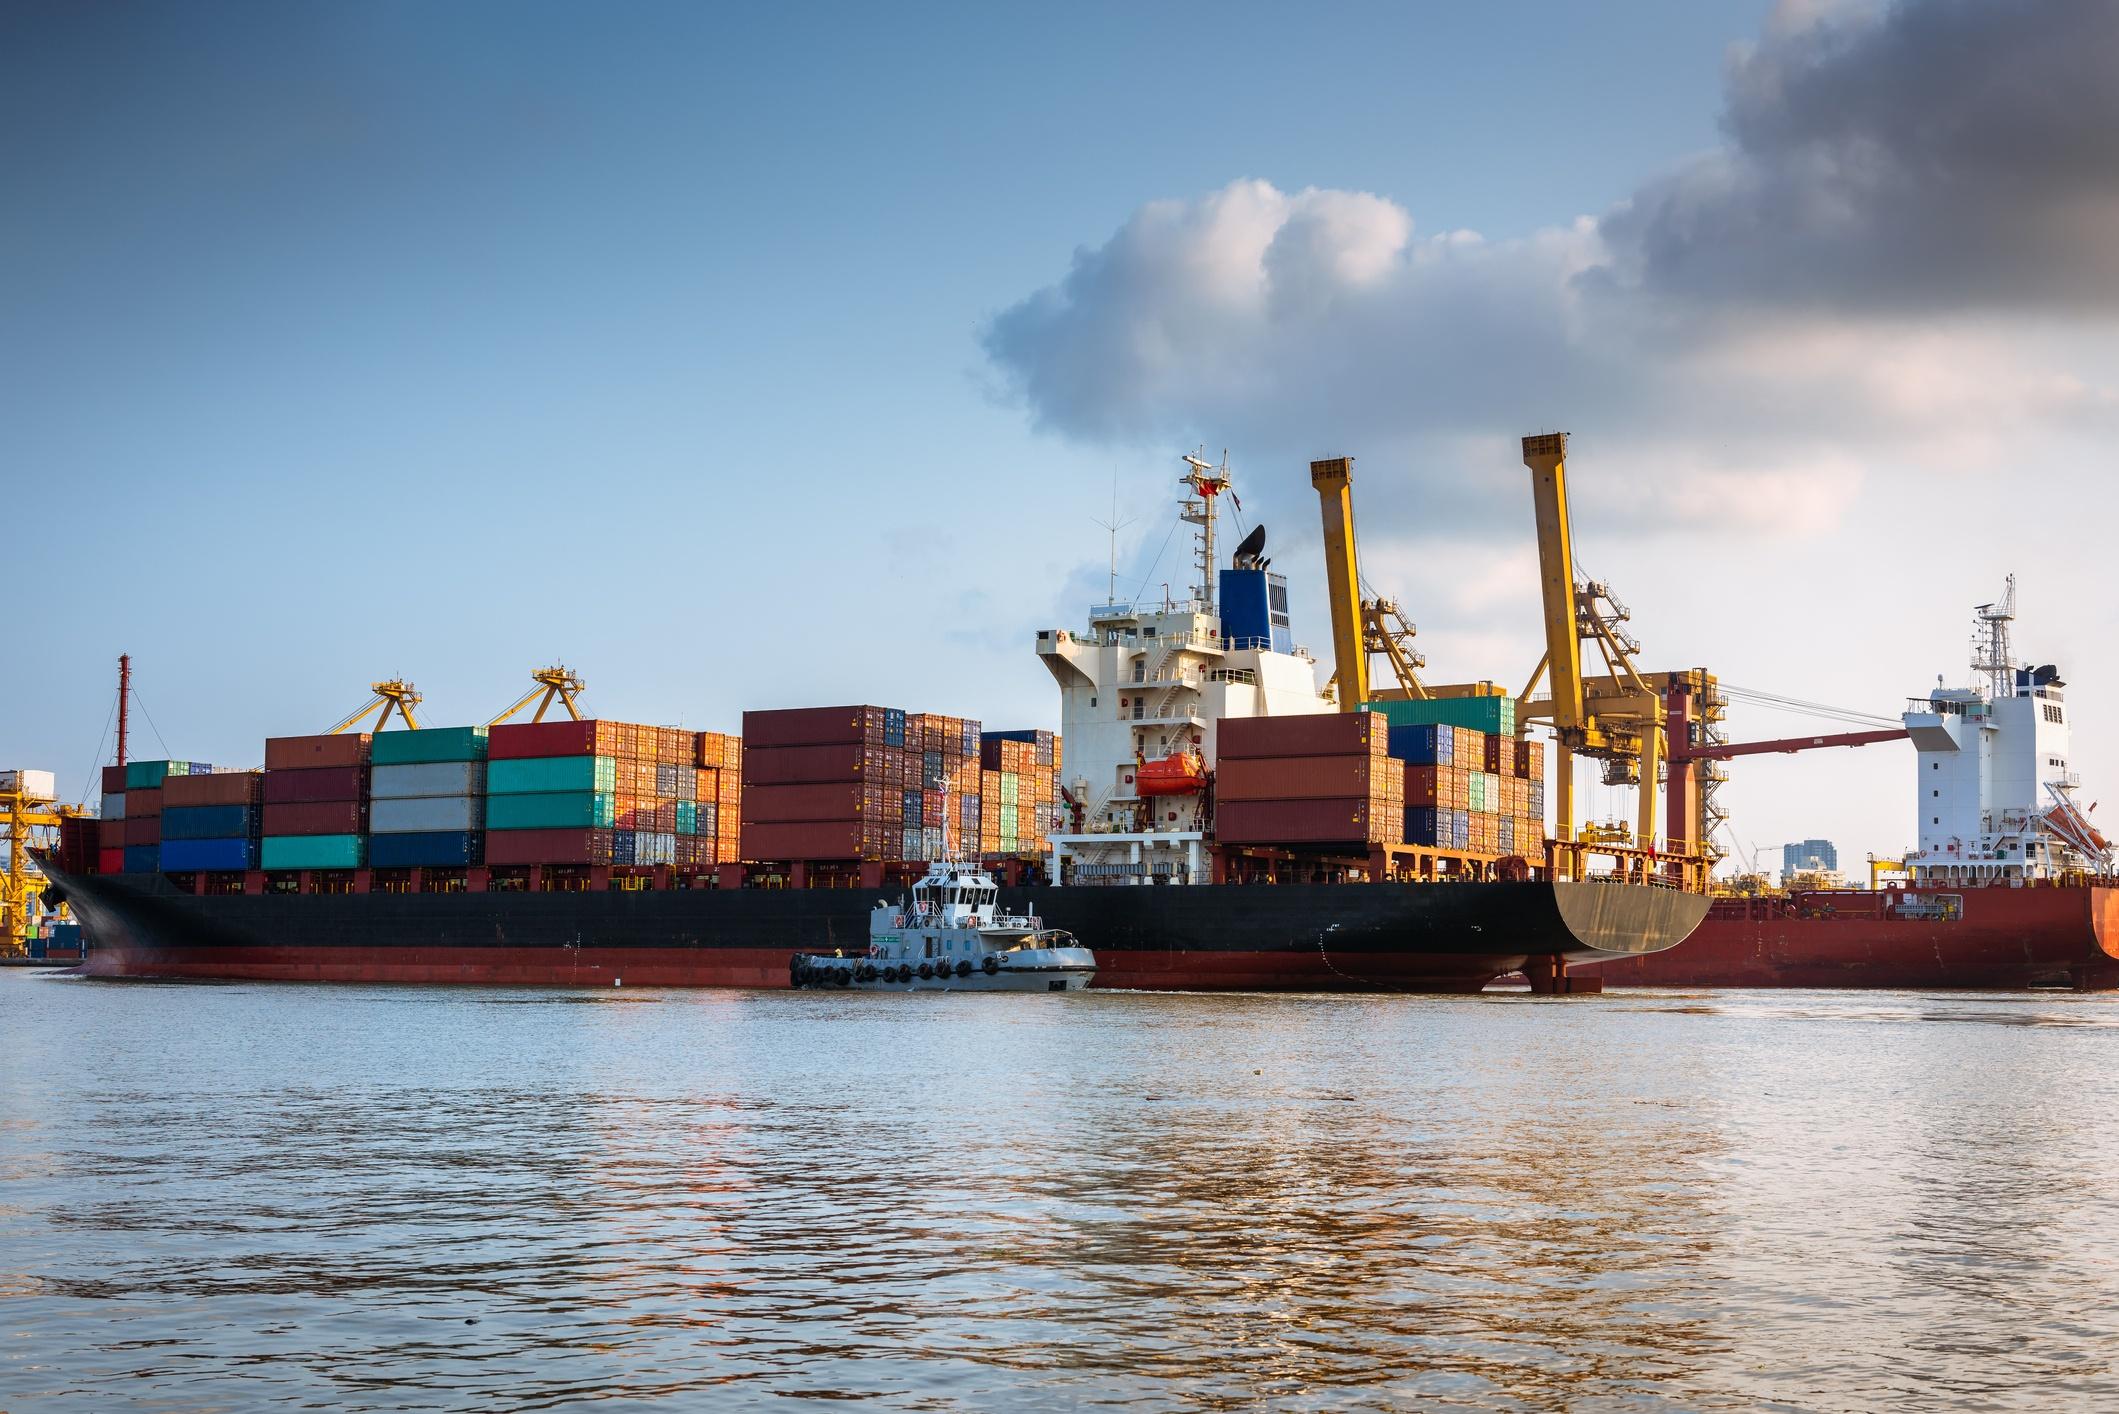 Ocean container vessel in Montevideo Harbor